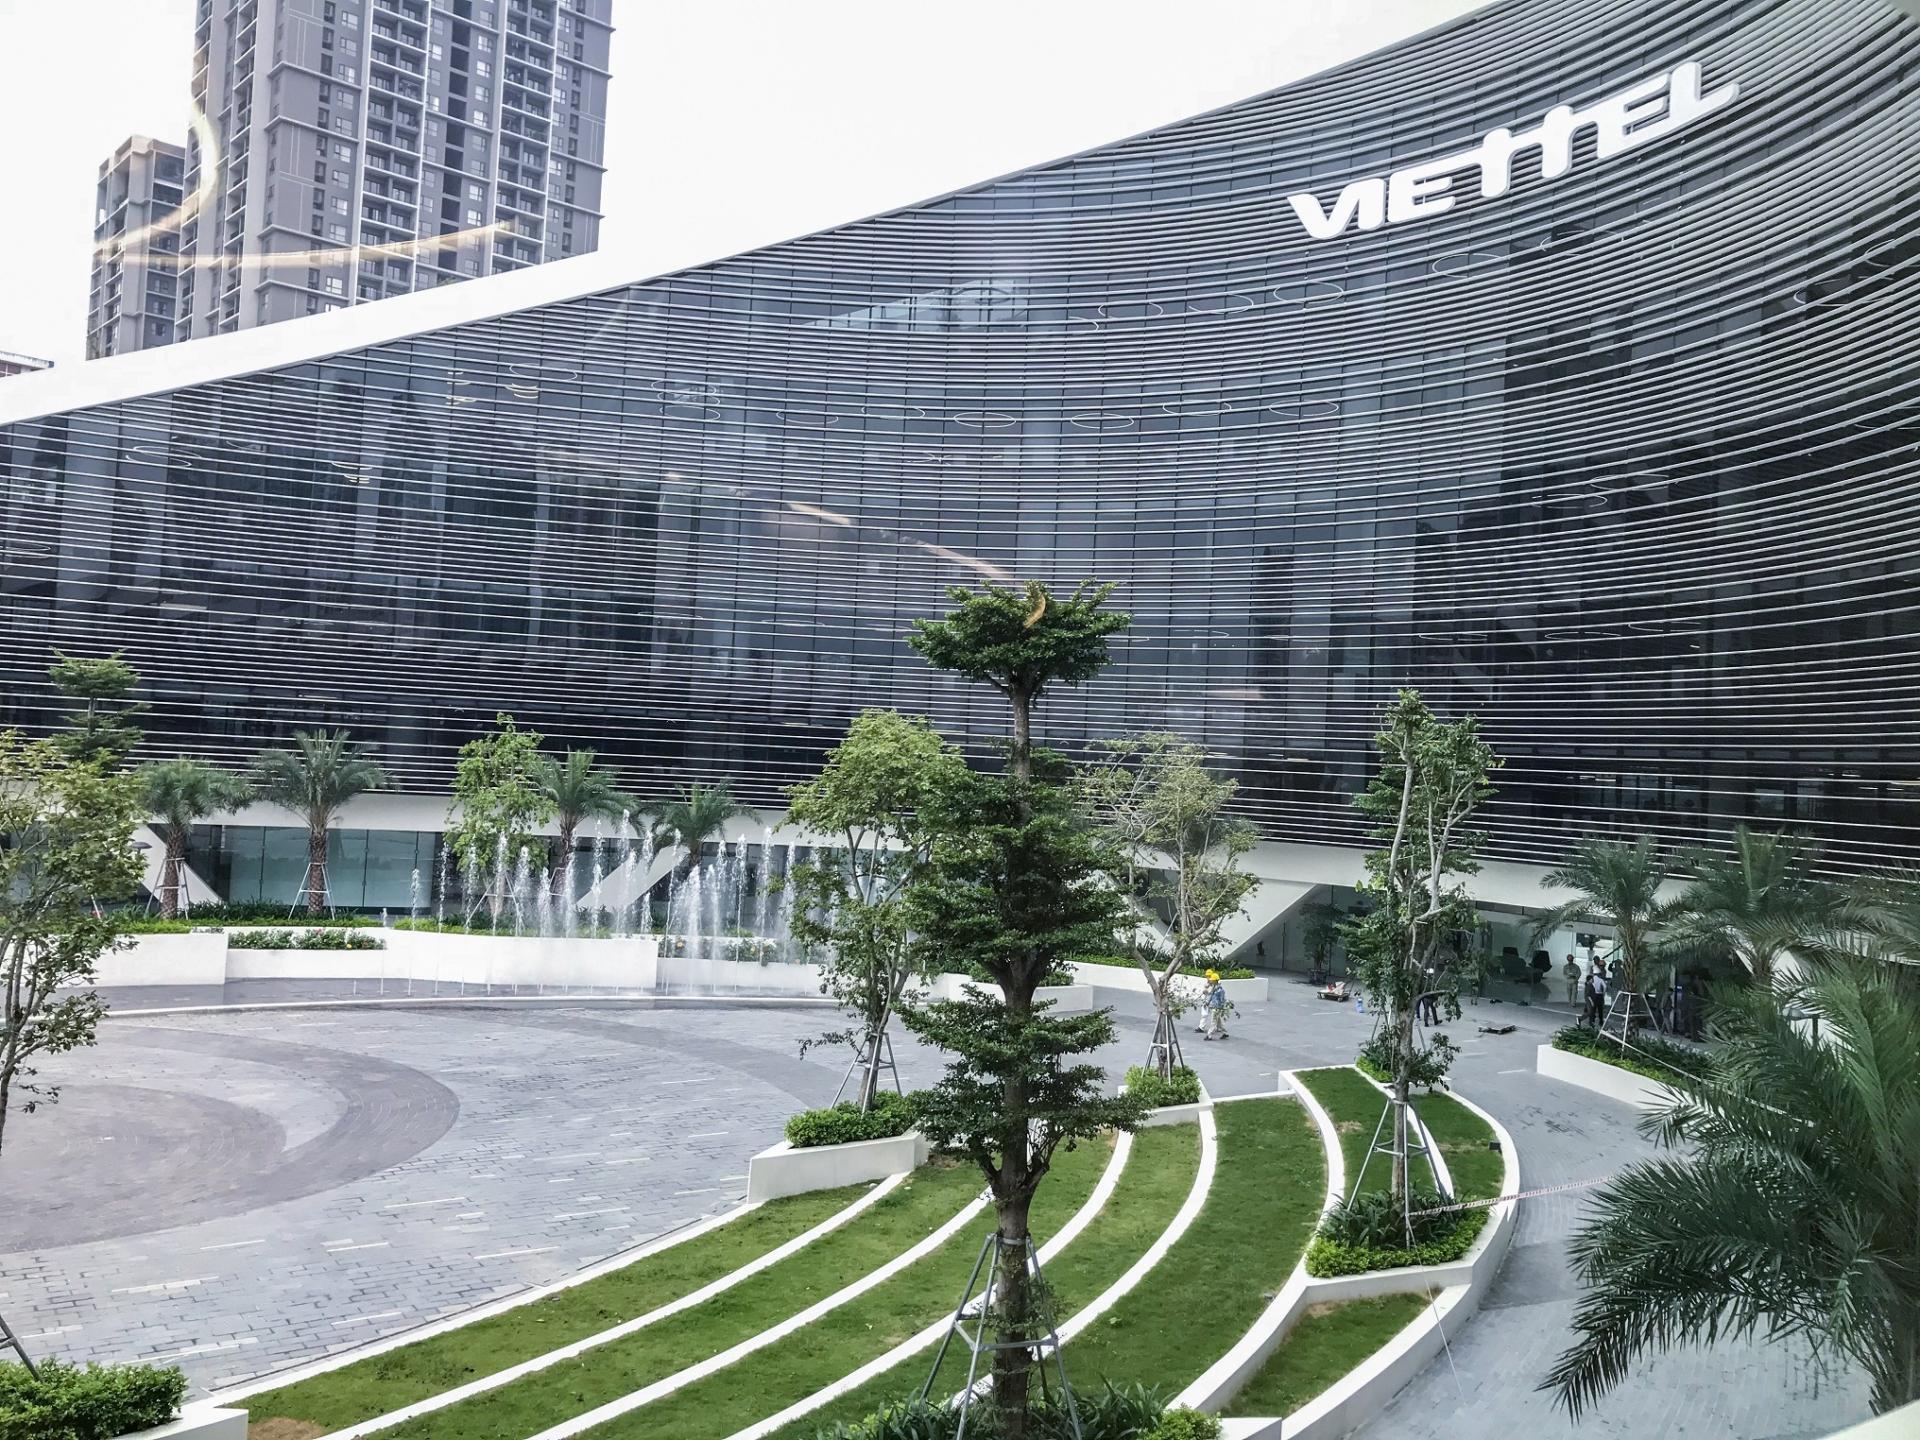 Bosch triển khai hệ thống hội nghị trên nền tảng IP cho tập đoàn Viettel tại Hà Nội